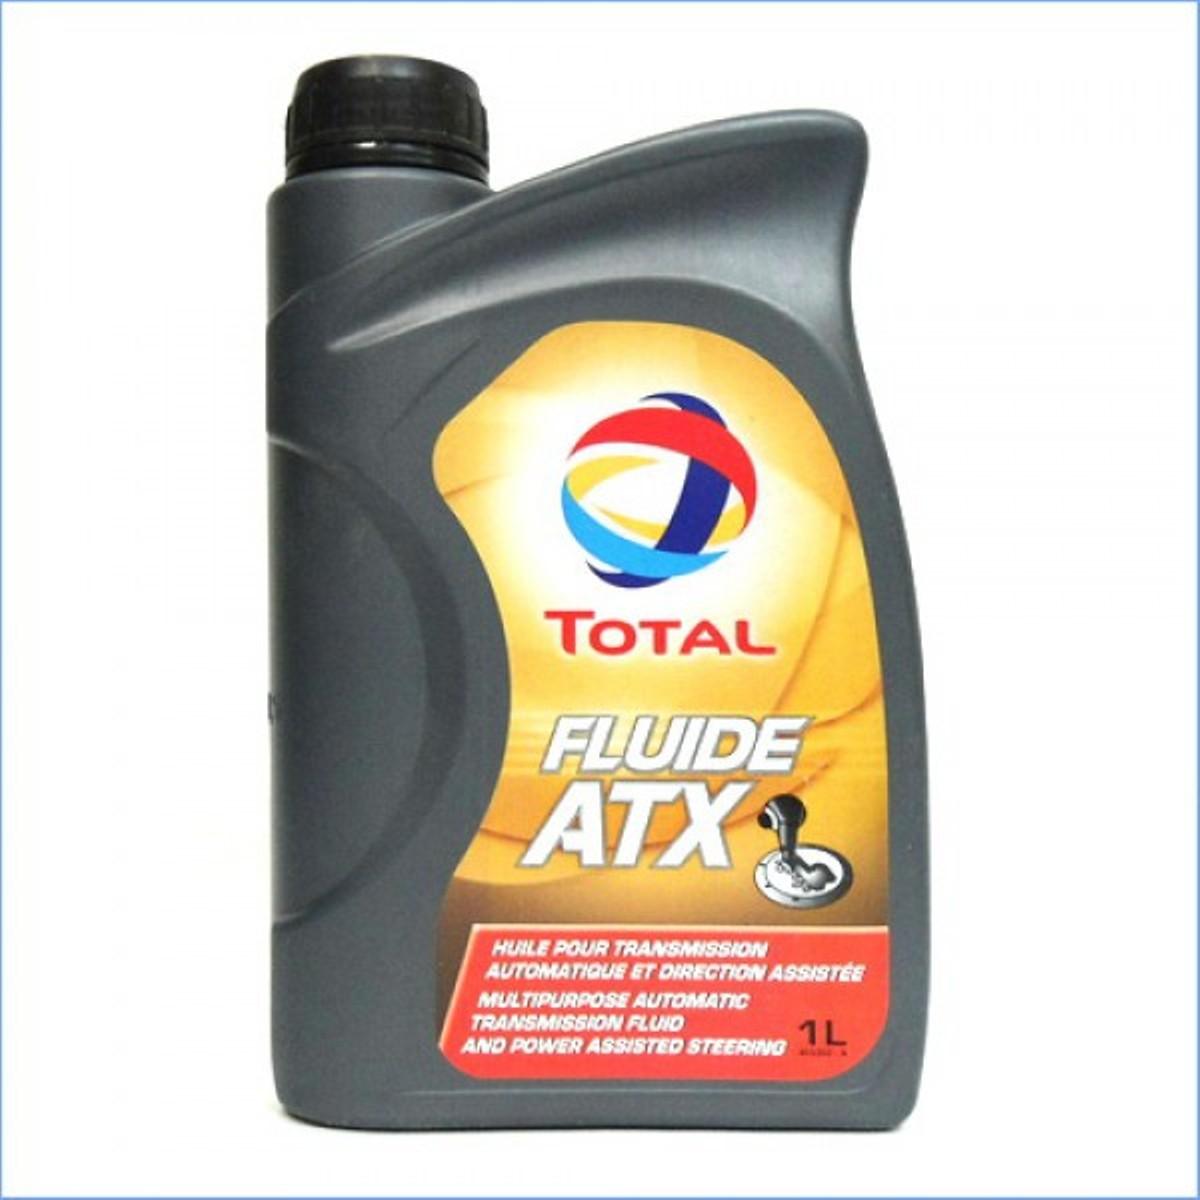 Трансмиссионное масло Total Fluide ATX, 1 л166220Жидкость для автоматических трансмиссий Total Fluide ATX. Масло имеет очень высокий индекс вязкости, обеспечивающий плавную и устойчивую работу во всем температурном интервале. Высокая термическая стабильность, разрешающая поддерживать стабильность других свойств во всем интервале рабочих температур,DEXRON-IID MERCON,BMW GROUP 23 - 3.0 и 24 - 3.0, MAN 339 TYPE Z-1, MAN 339 TYPE V-1, MB-APPROVAL 236.6, VOITH H 55.6335, PSA PEUGEOT CITROEN S71 2102, ZF TE-ML 03D, 04D, 09, 11A, 14A, 17C.